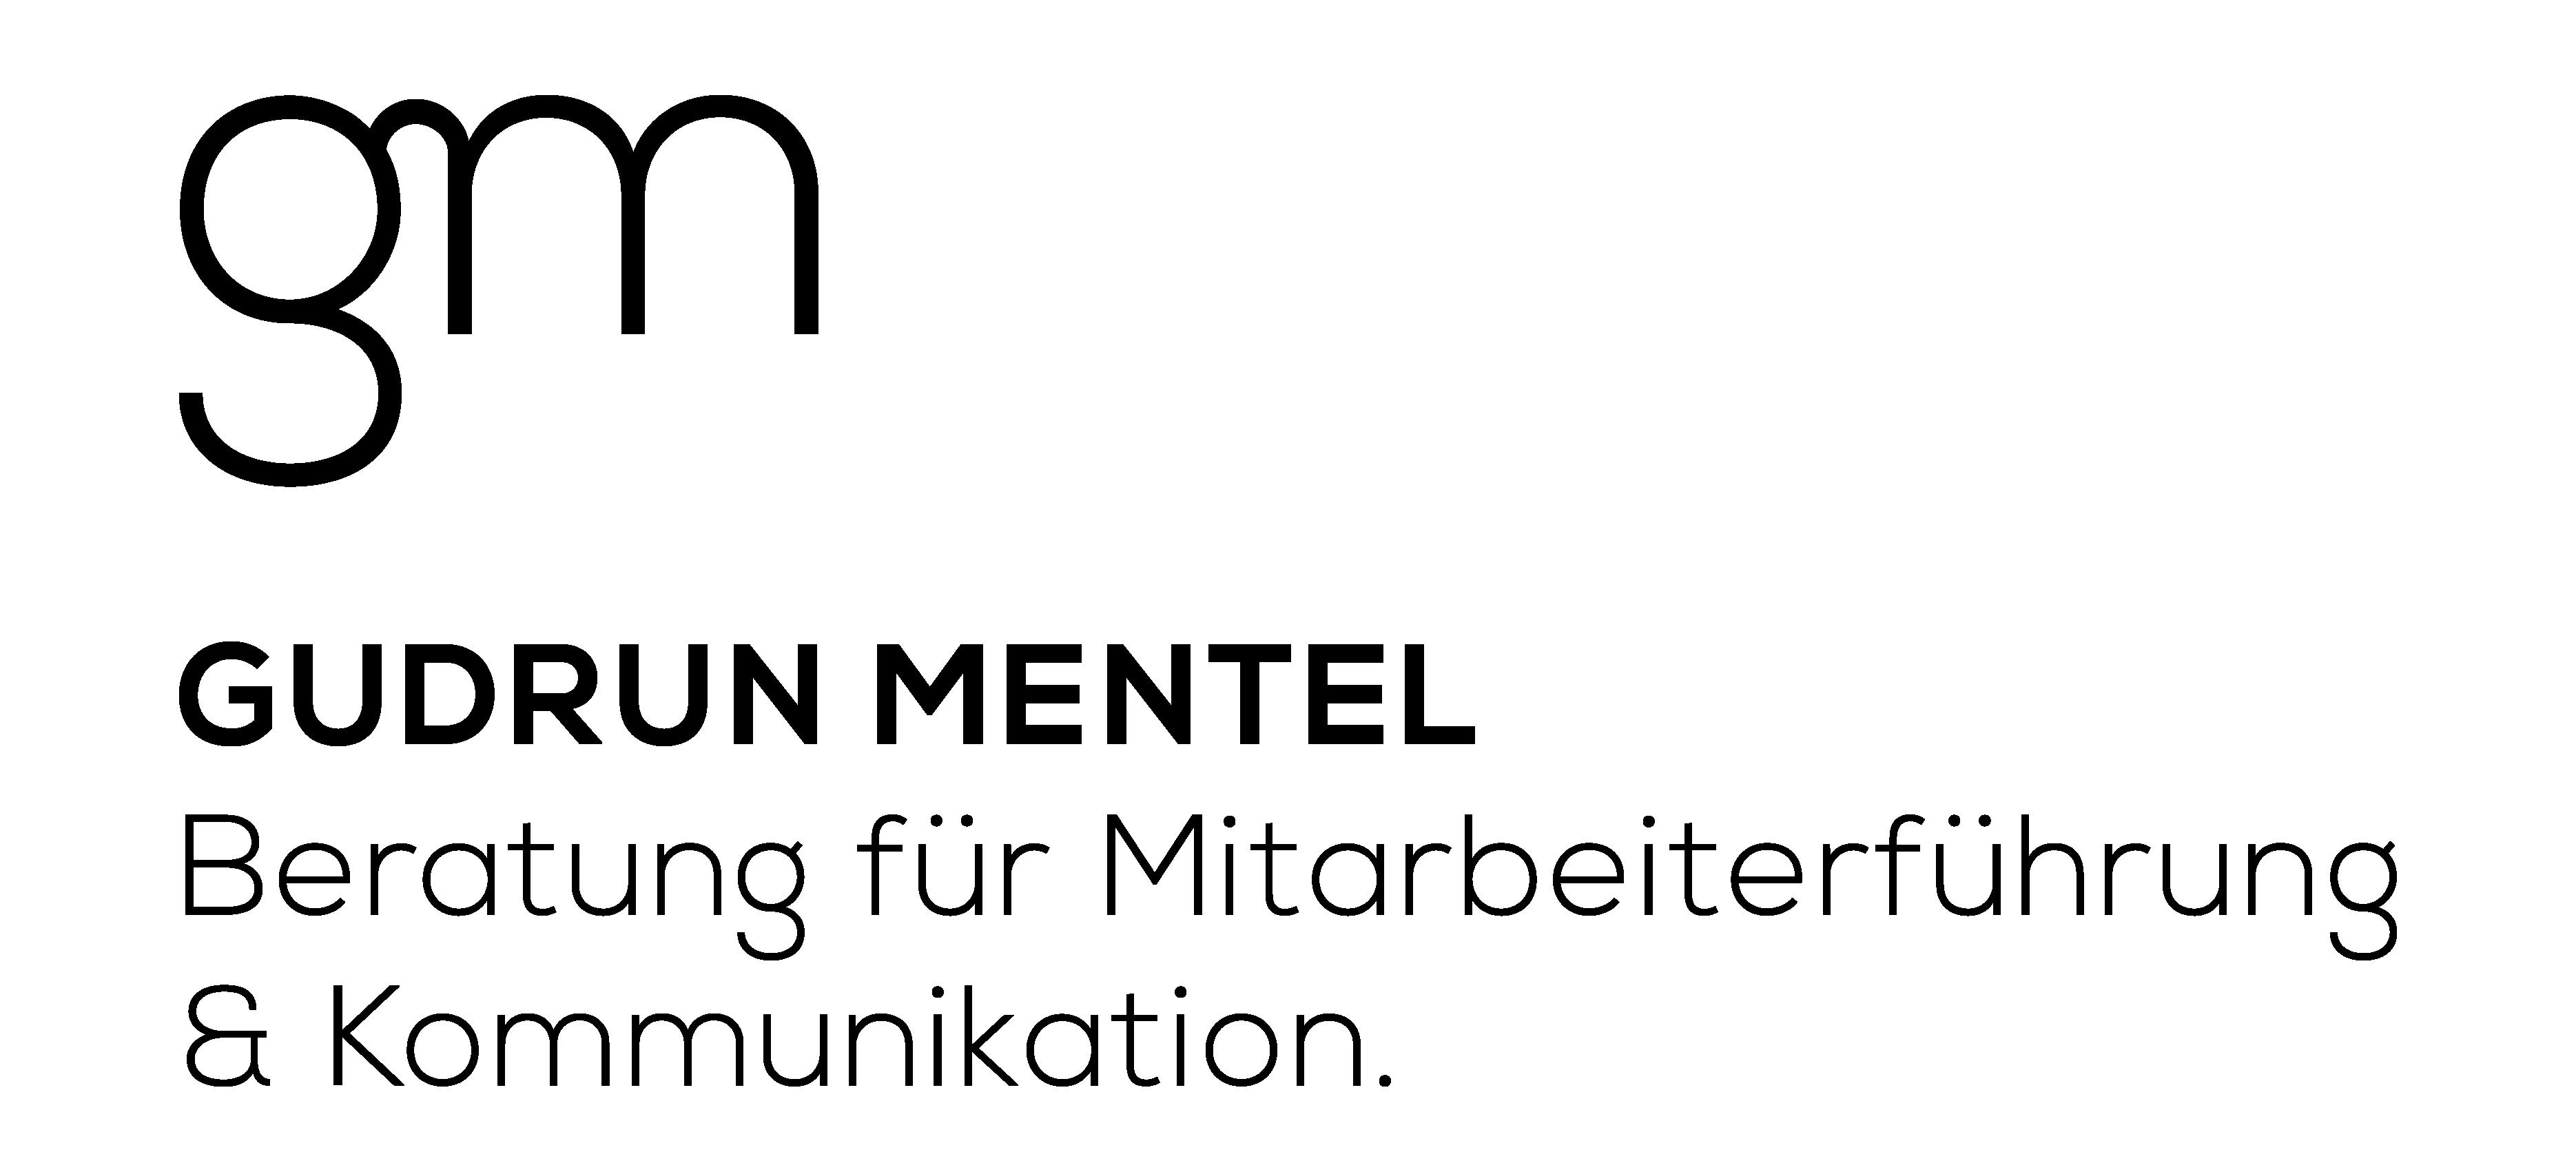 Das Logo von Gudrun Mentel.